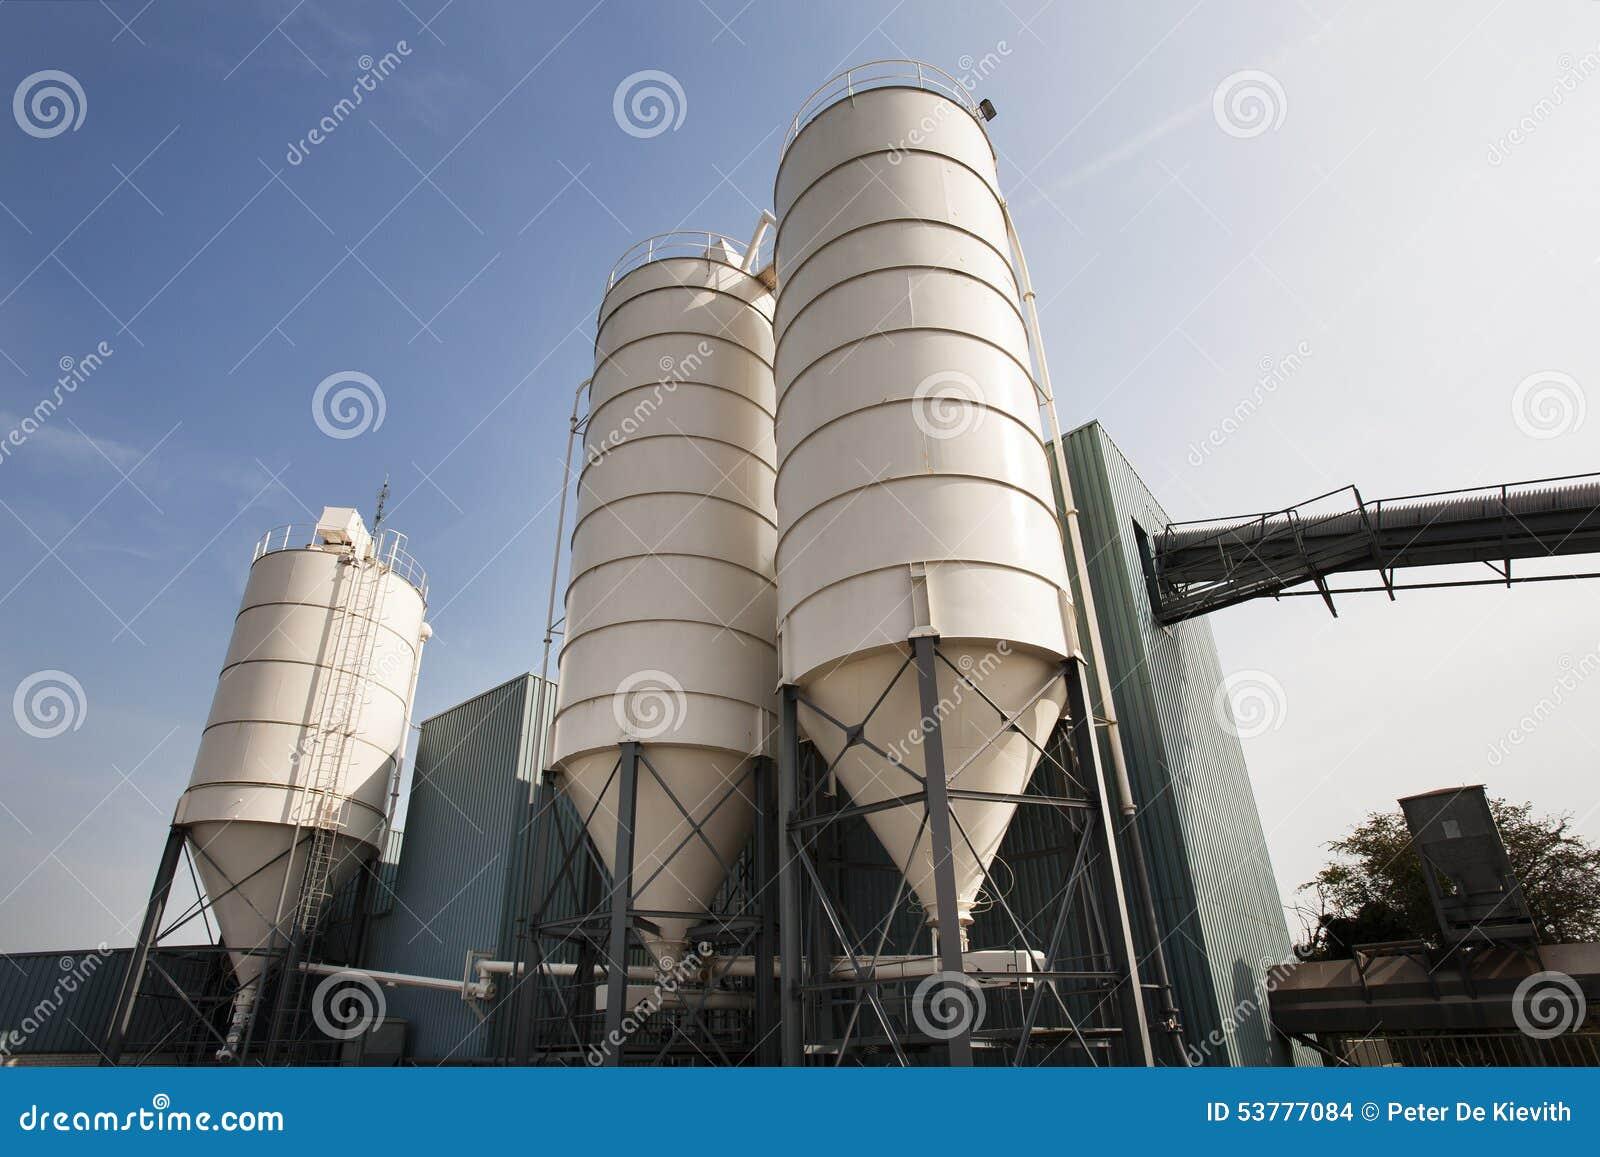 Litwa przemysłowe metali silosów zbiorników zasobnikowych